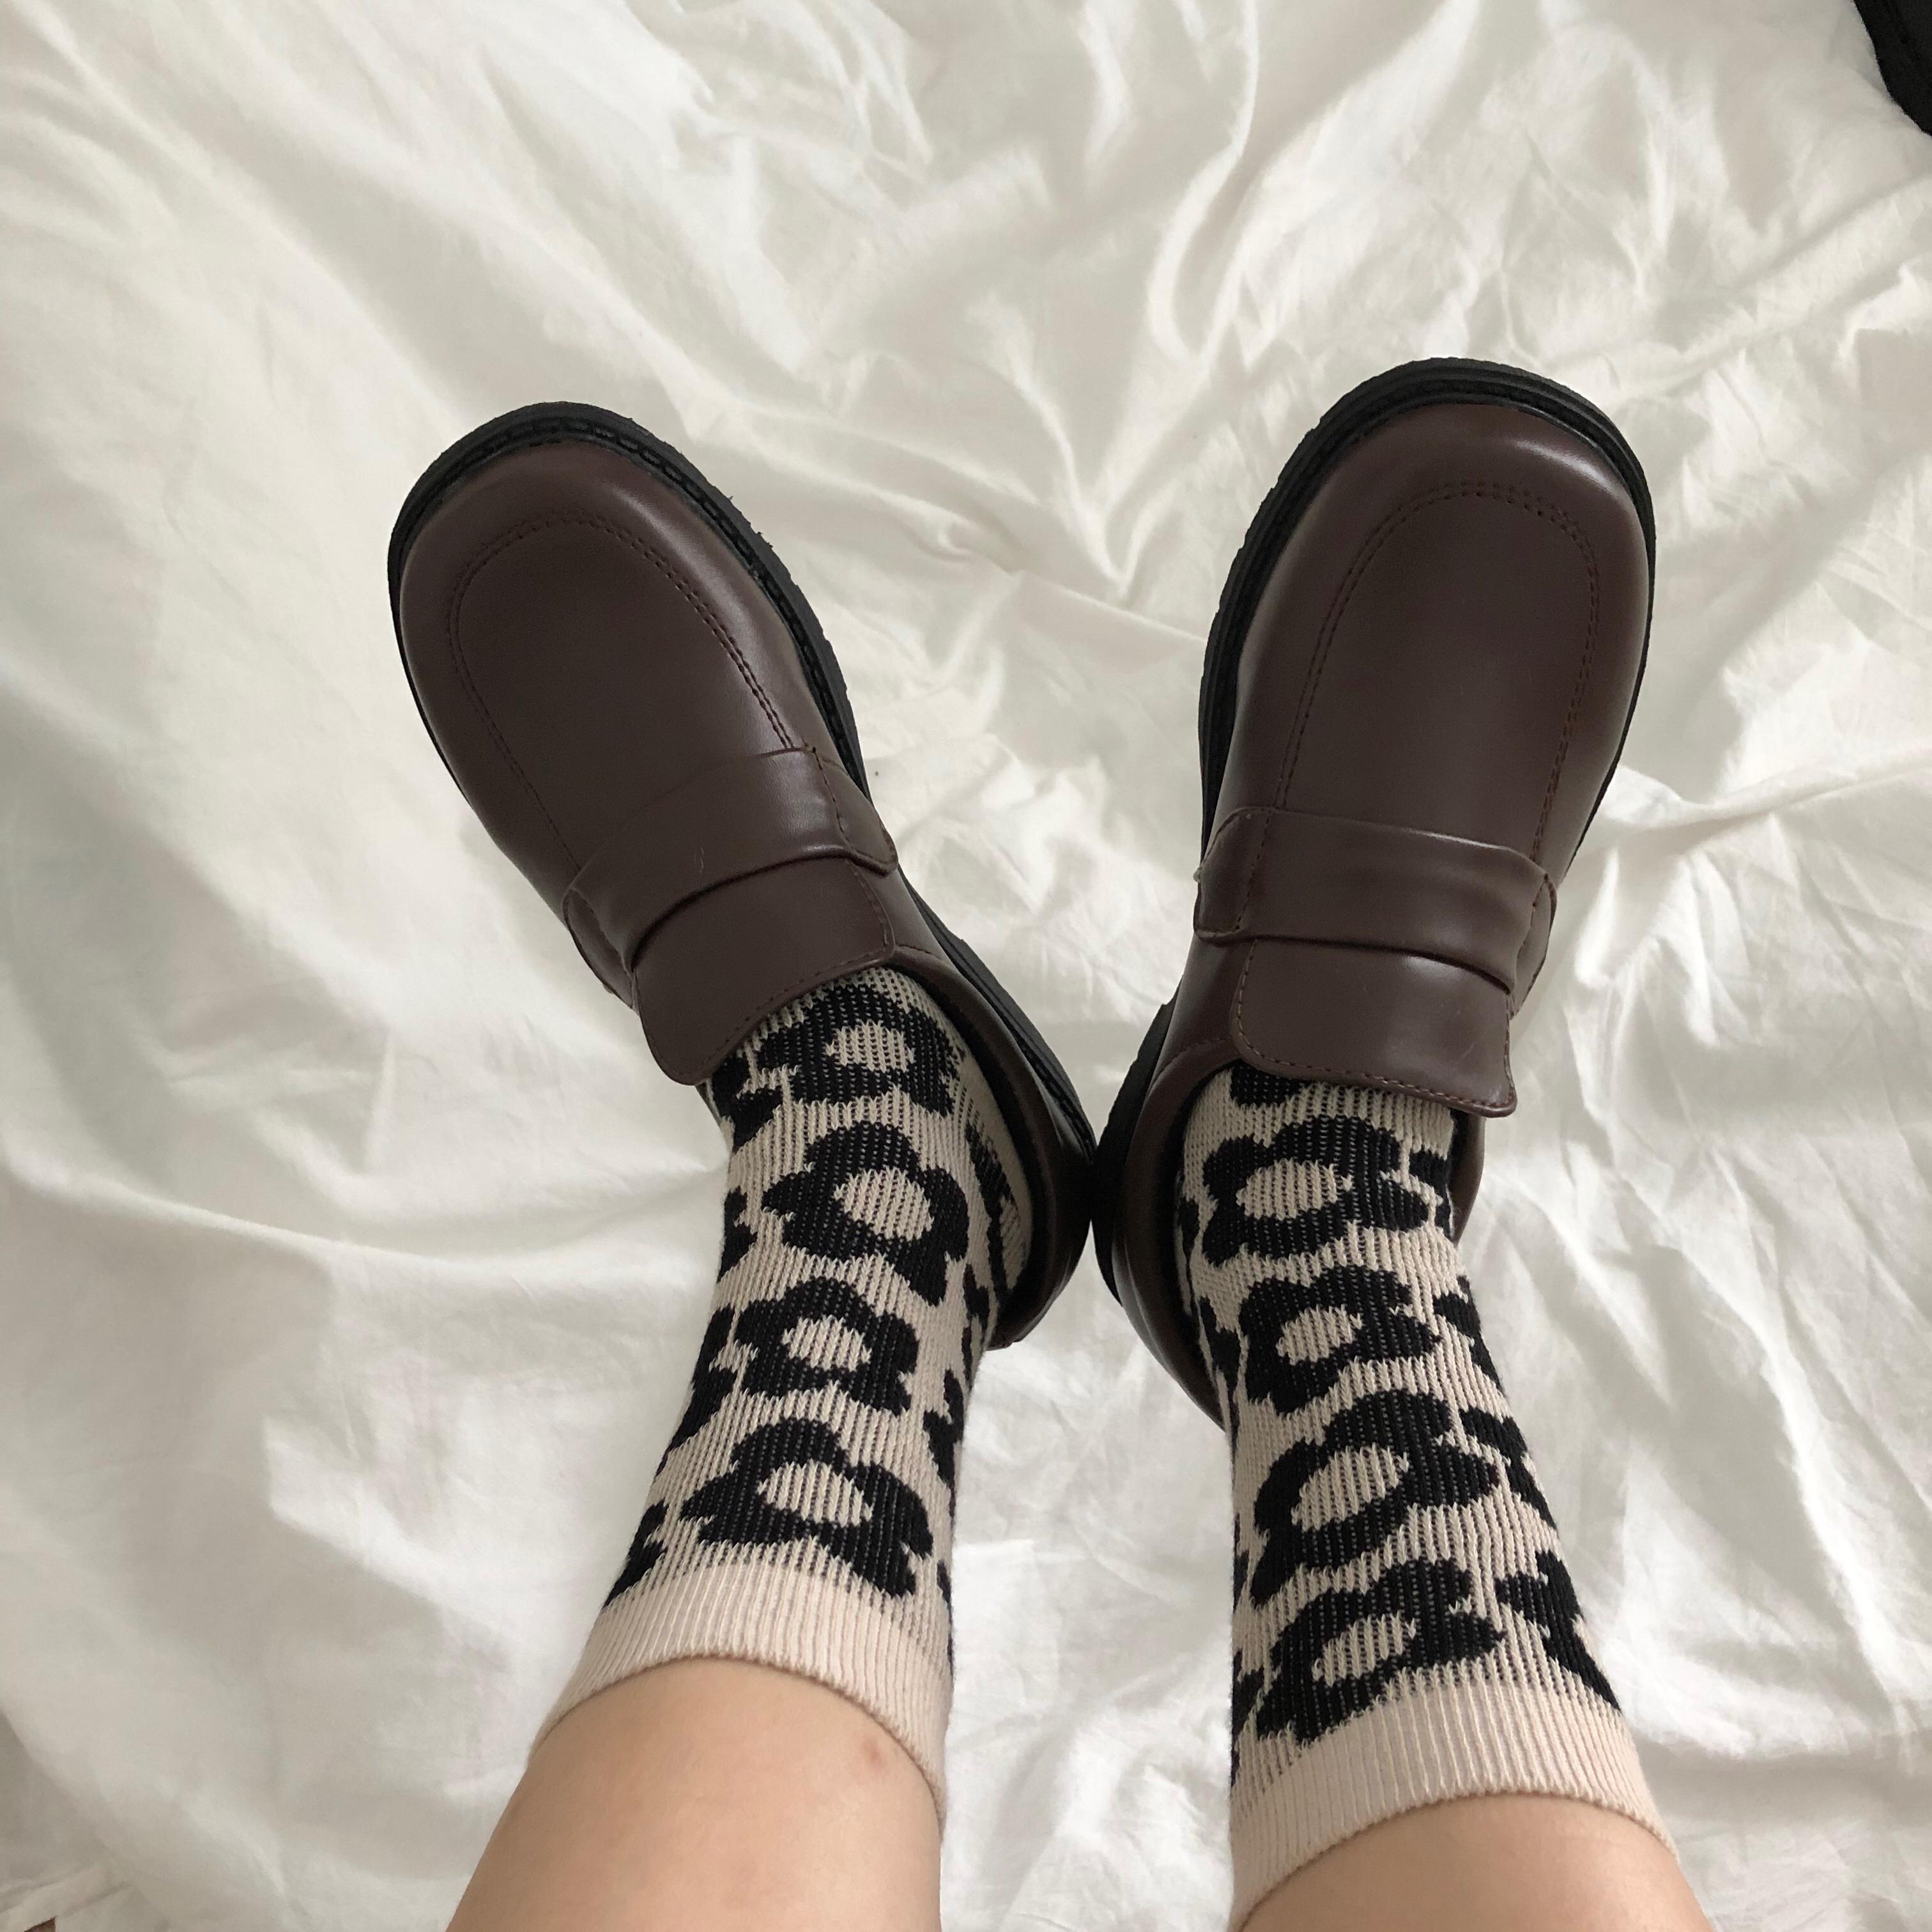 学院风女鞋学生复古棕色玛丽珍皮鞋低帮鞋秋冬 ulzzang 小黄桃韩国